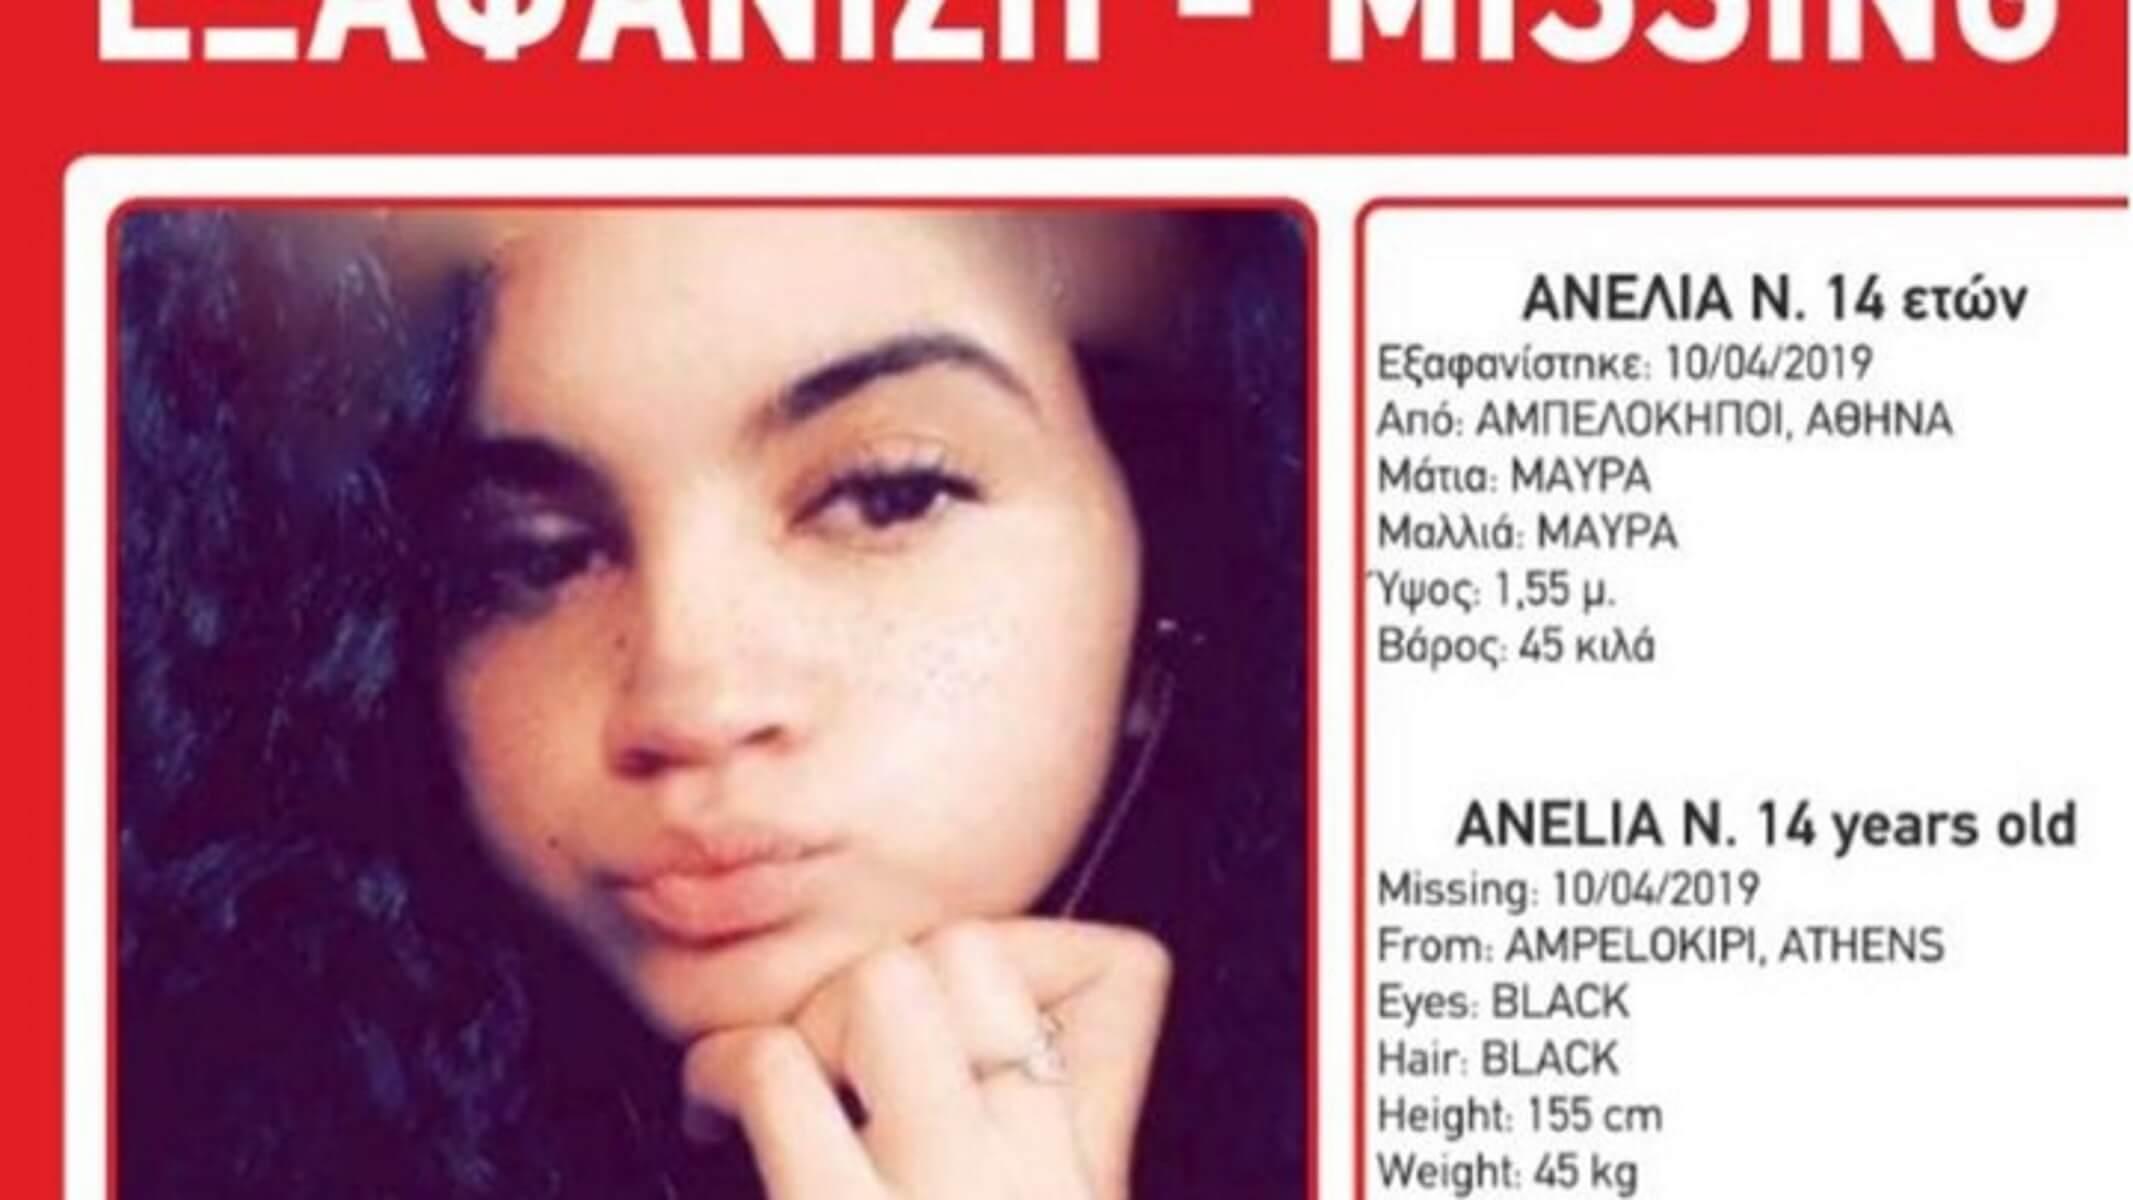 Συναγερμός στους Αμπελόκηπους – Εξαφανίστηκε 14χρονη